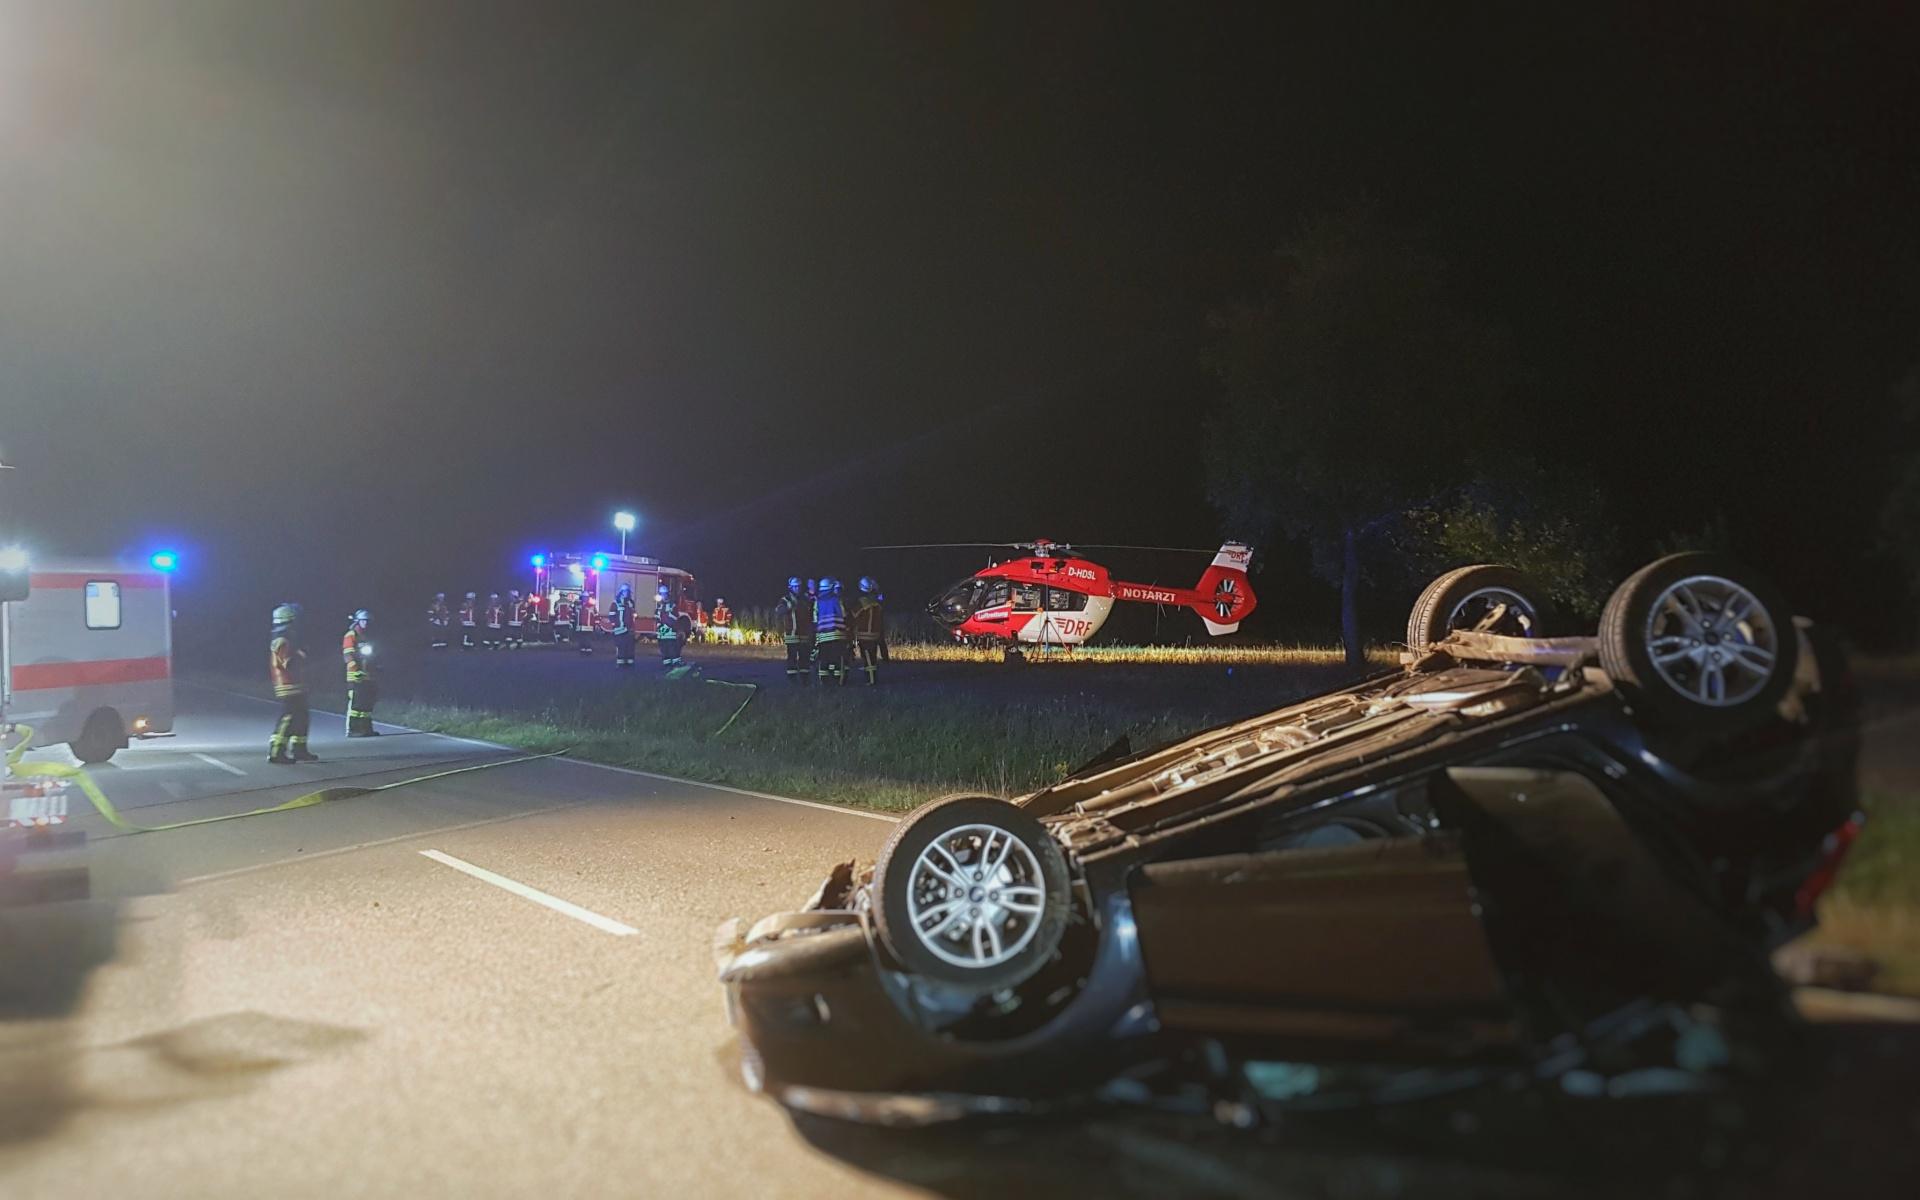 Trotz nächtlicher Stunde schnell zur Stelle, um eine schwer verletzte Autofahrerin zu retten: Die Luftretter aus Villingen-Schwenningen.